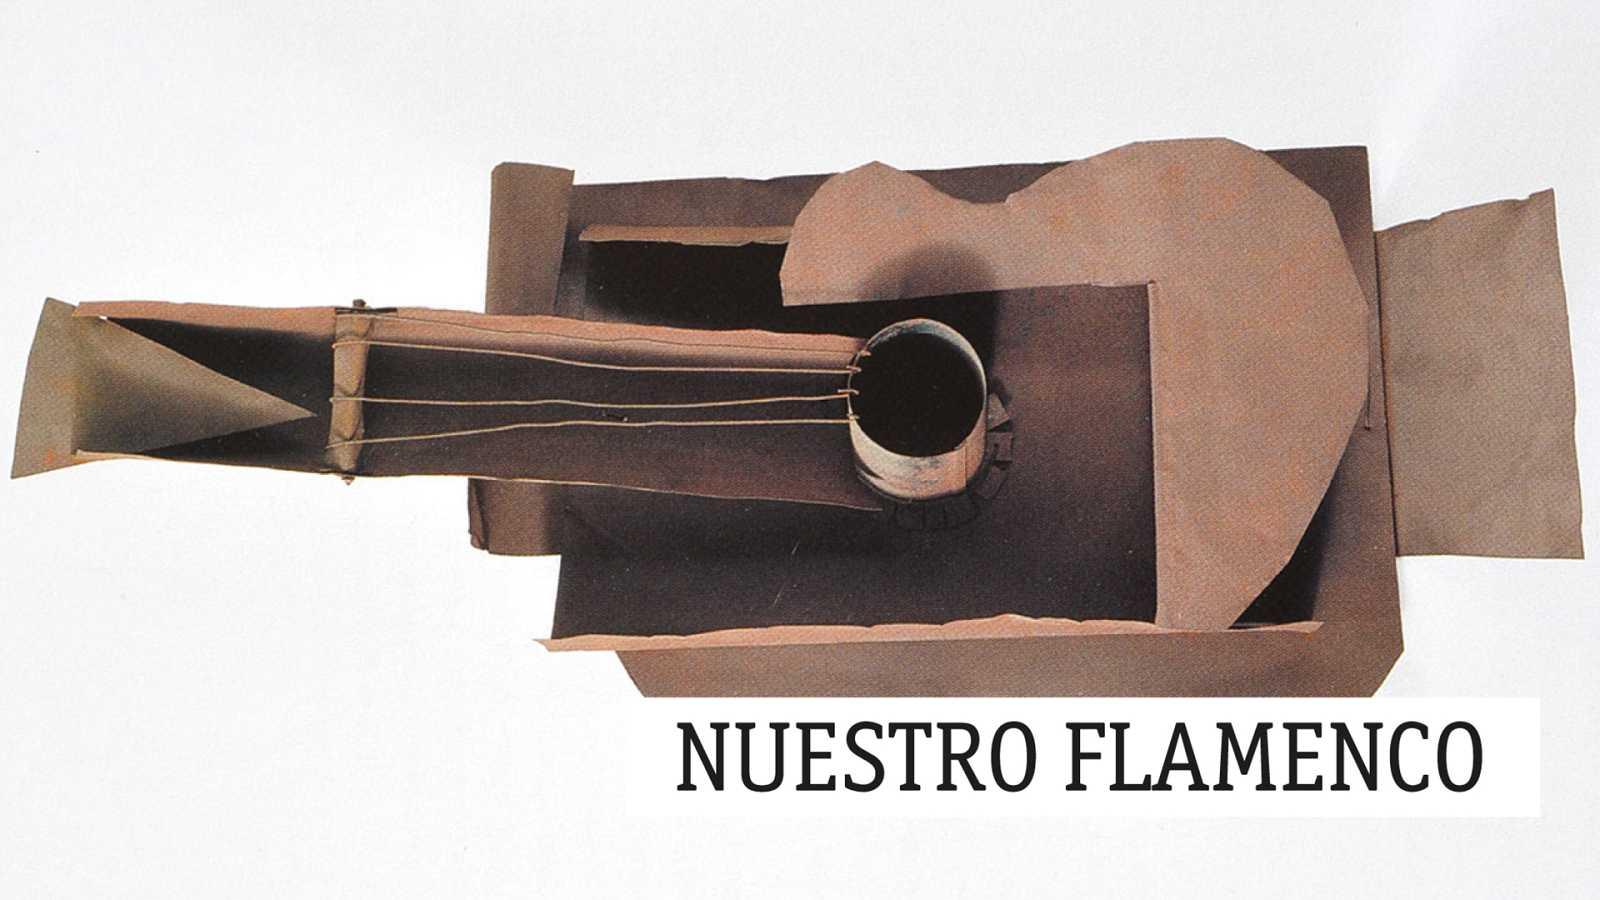 Nuestro flamenco - Creer para ver, Dani de Morón - 08/04/21 - escuchar ahora